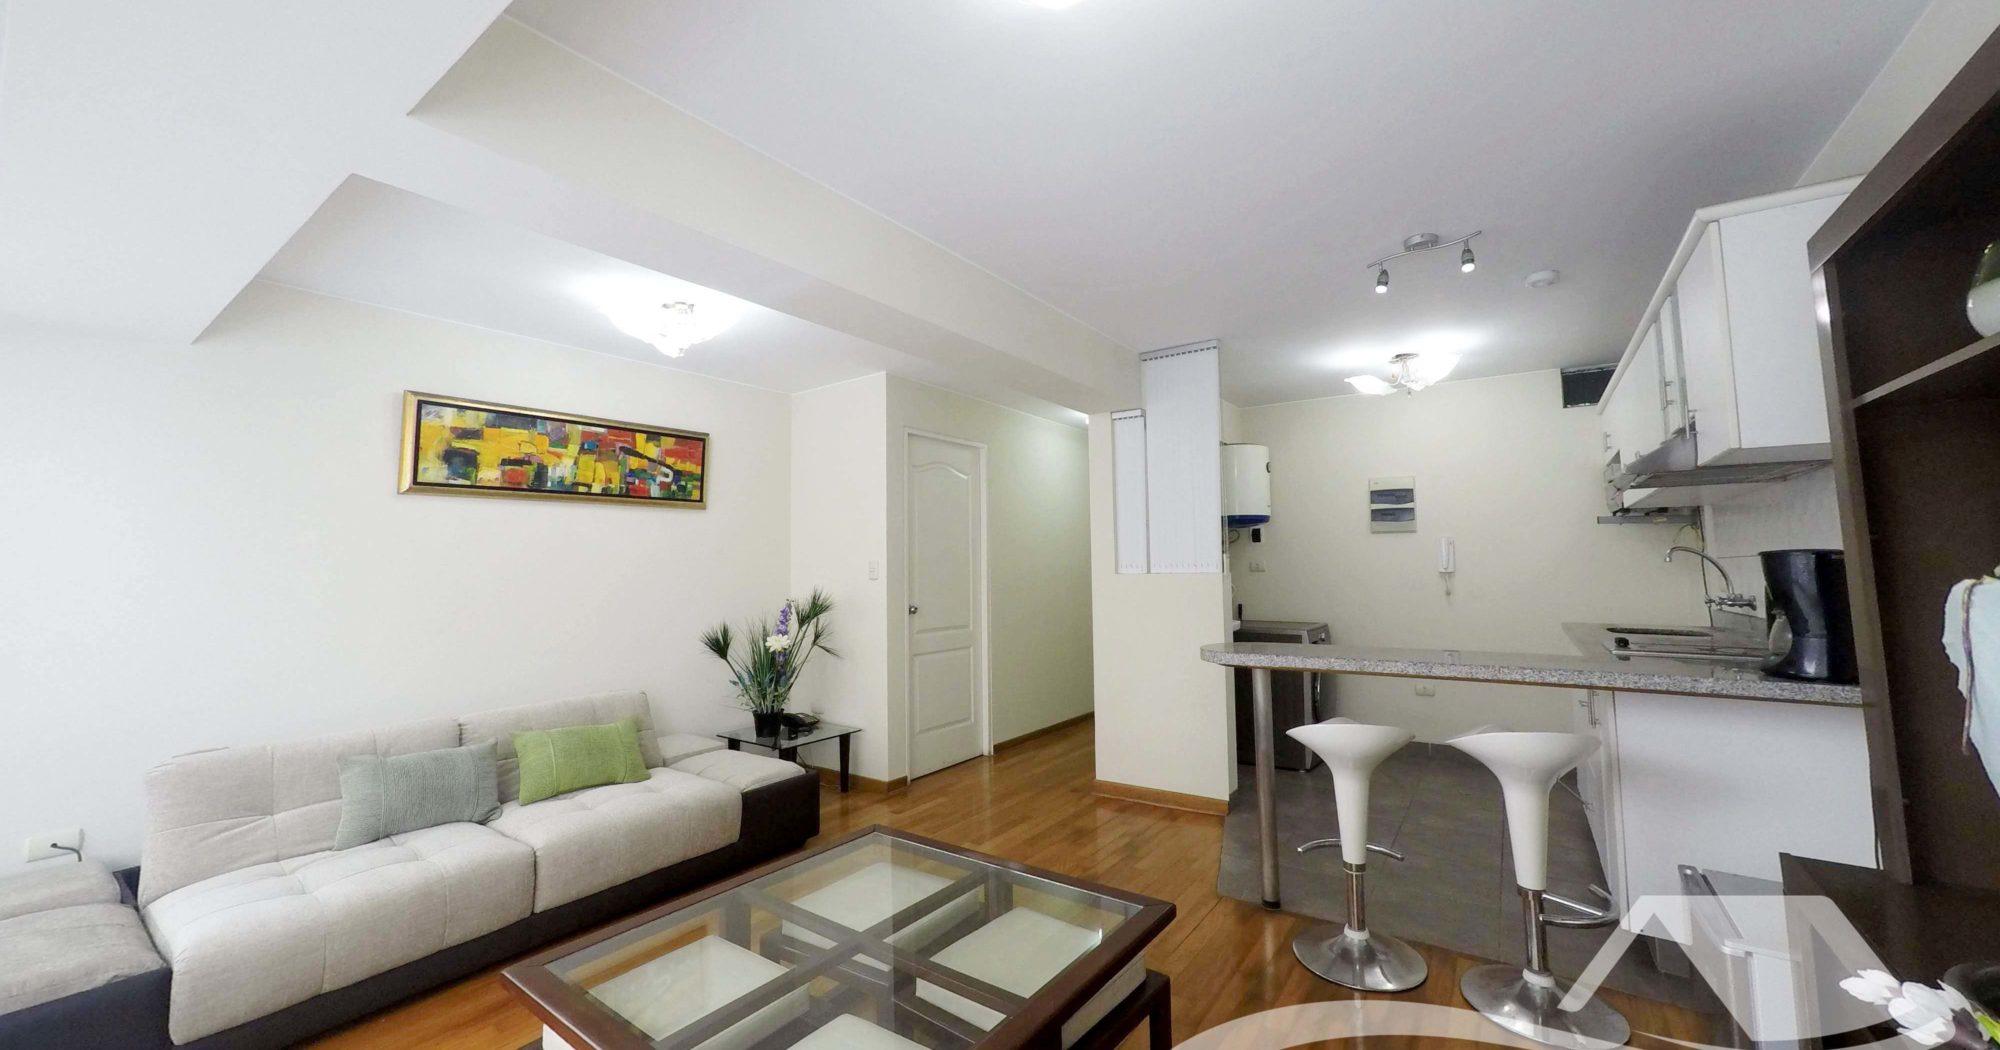 Departamento Amoblado y Equipado de 1 Dormitorio en Miraflores – MIR166